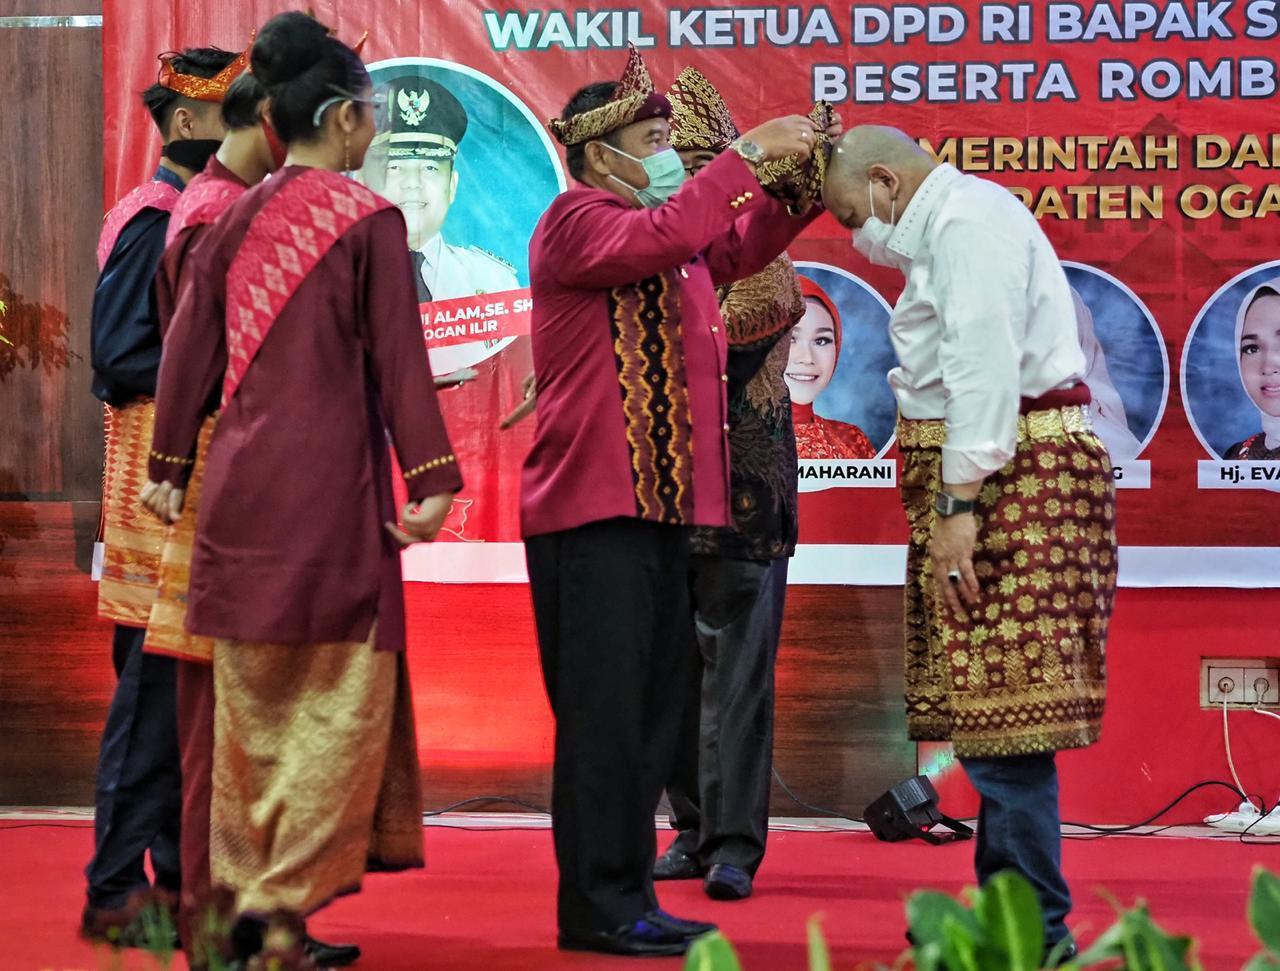 Ketua DPD RI LaNyalla Mattalitti dapat Gelar Tetue Bebuyutan Rambang Kuang